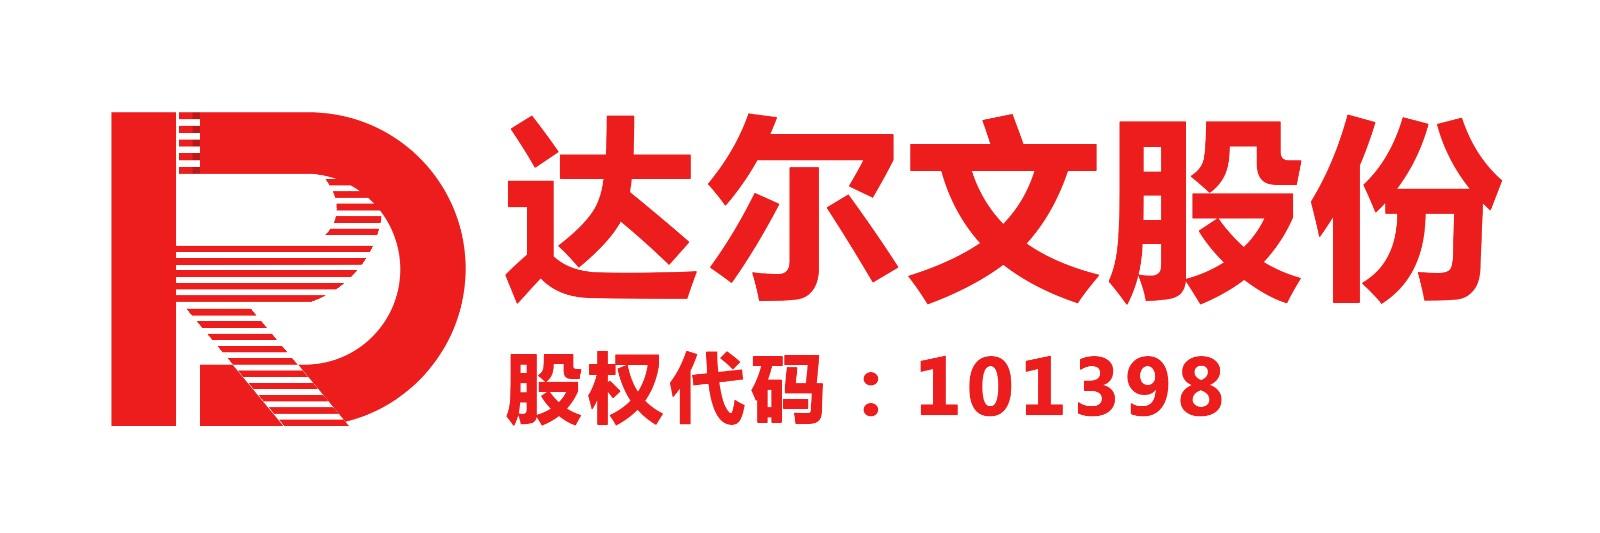 达尔文口腔医疗管理(武汉)股份有限公司